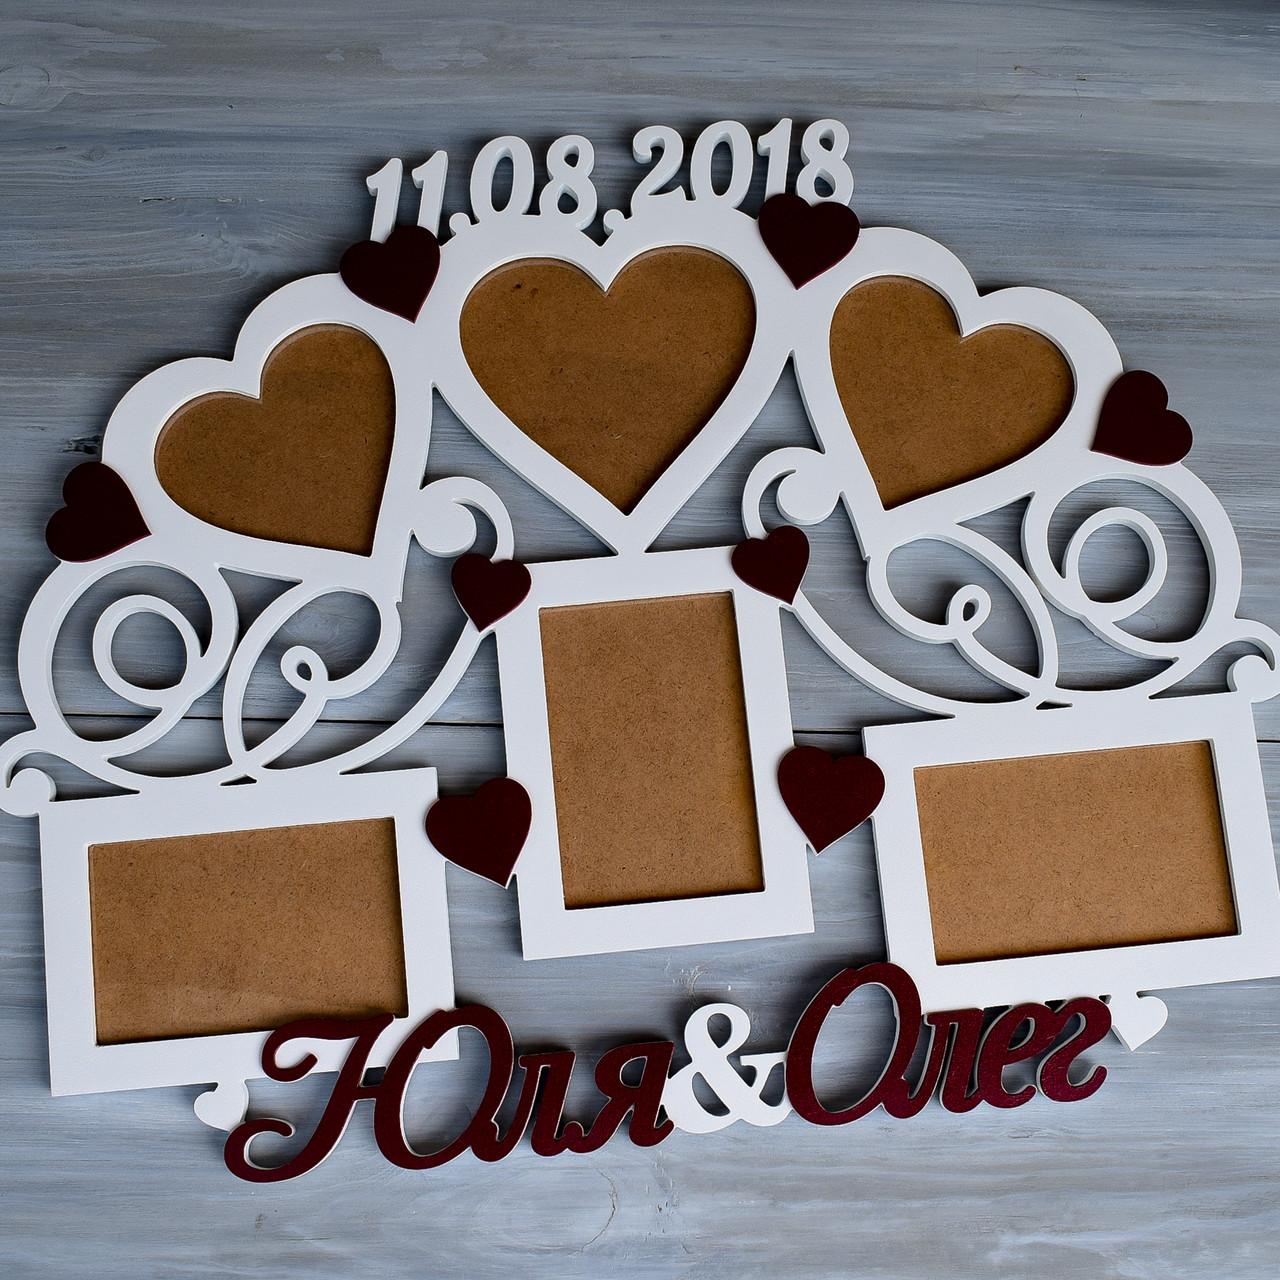 Свадебная фоторамка с именами и датой